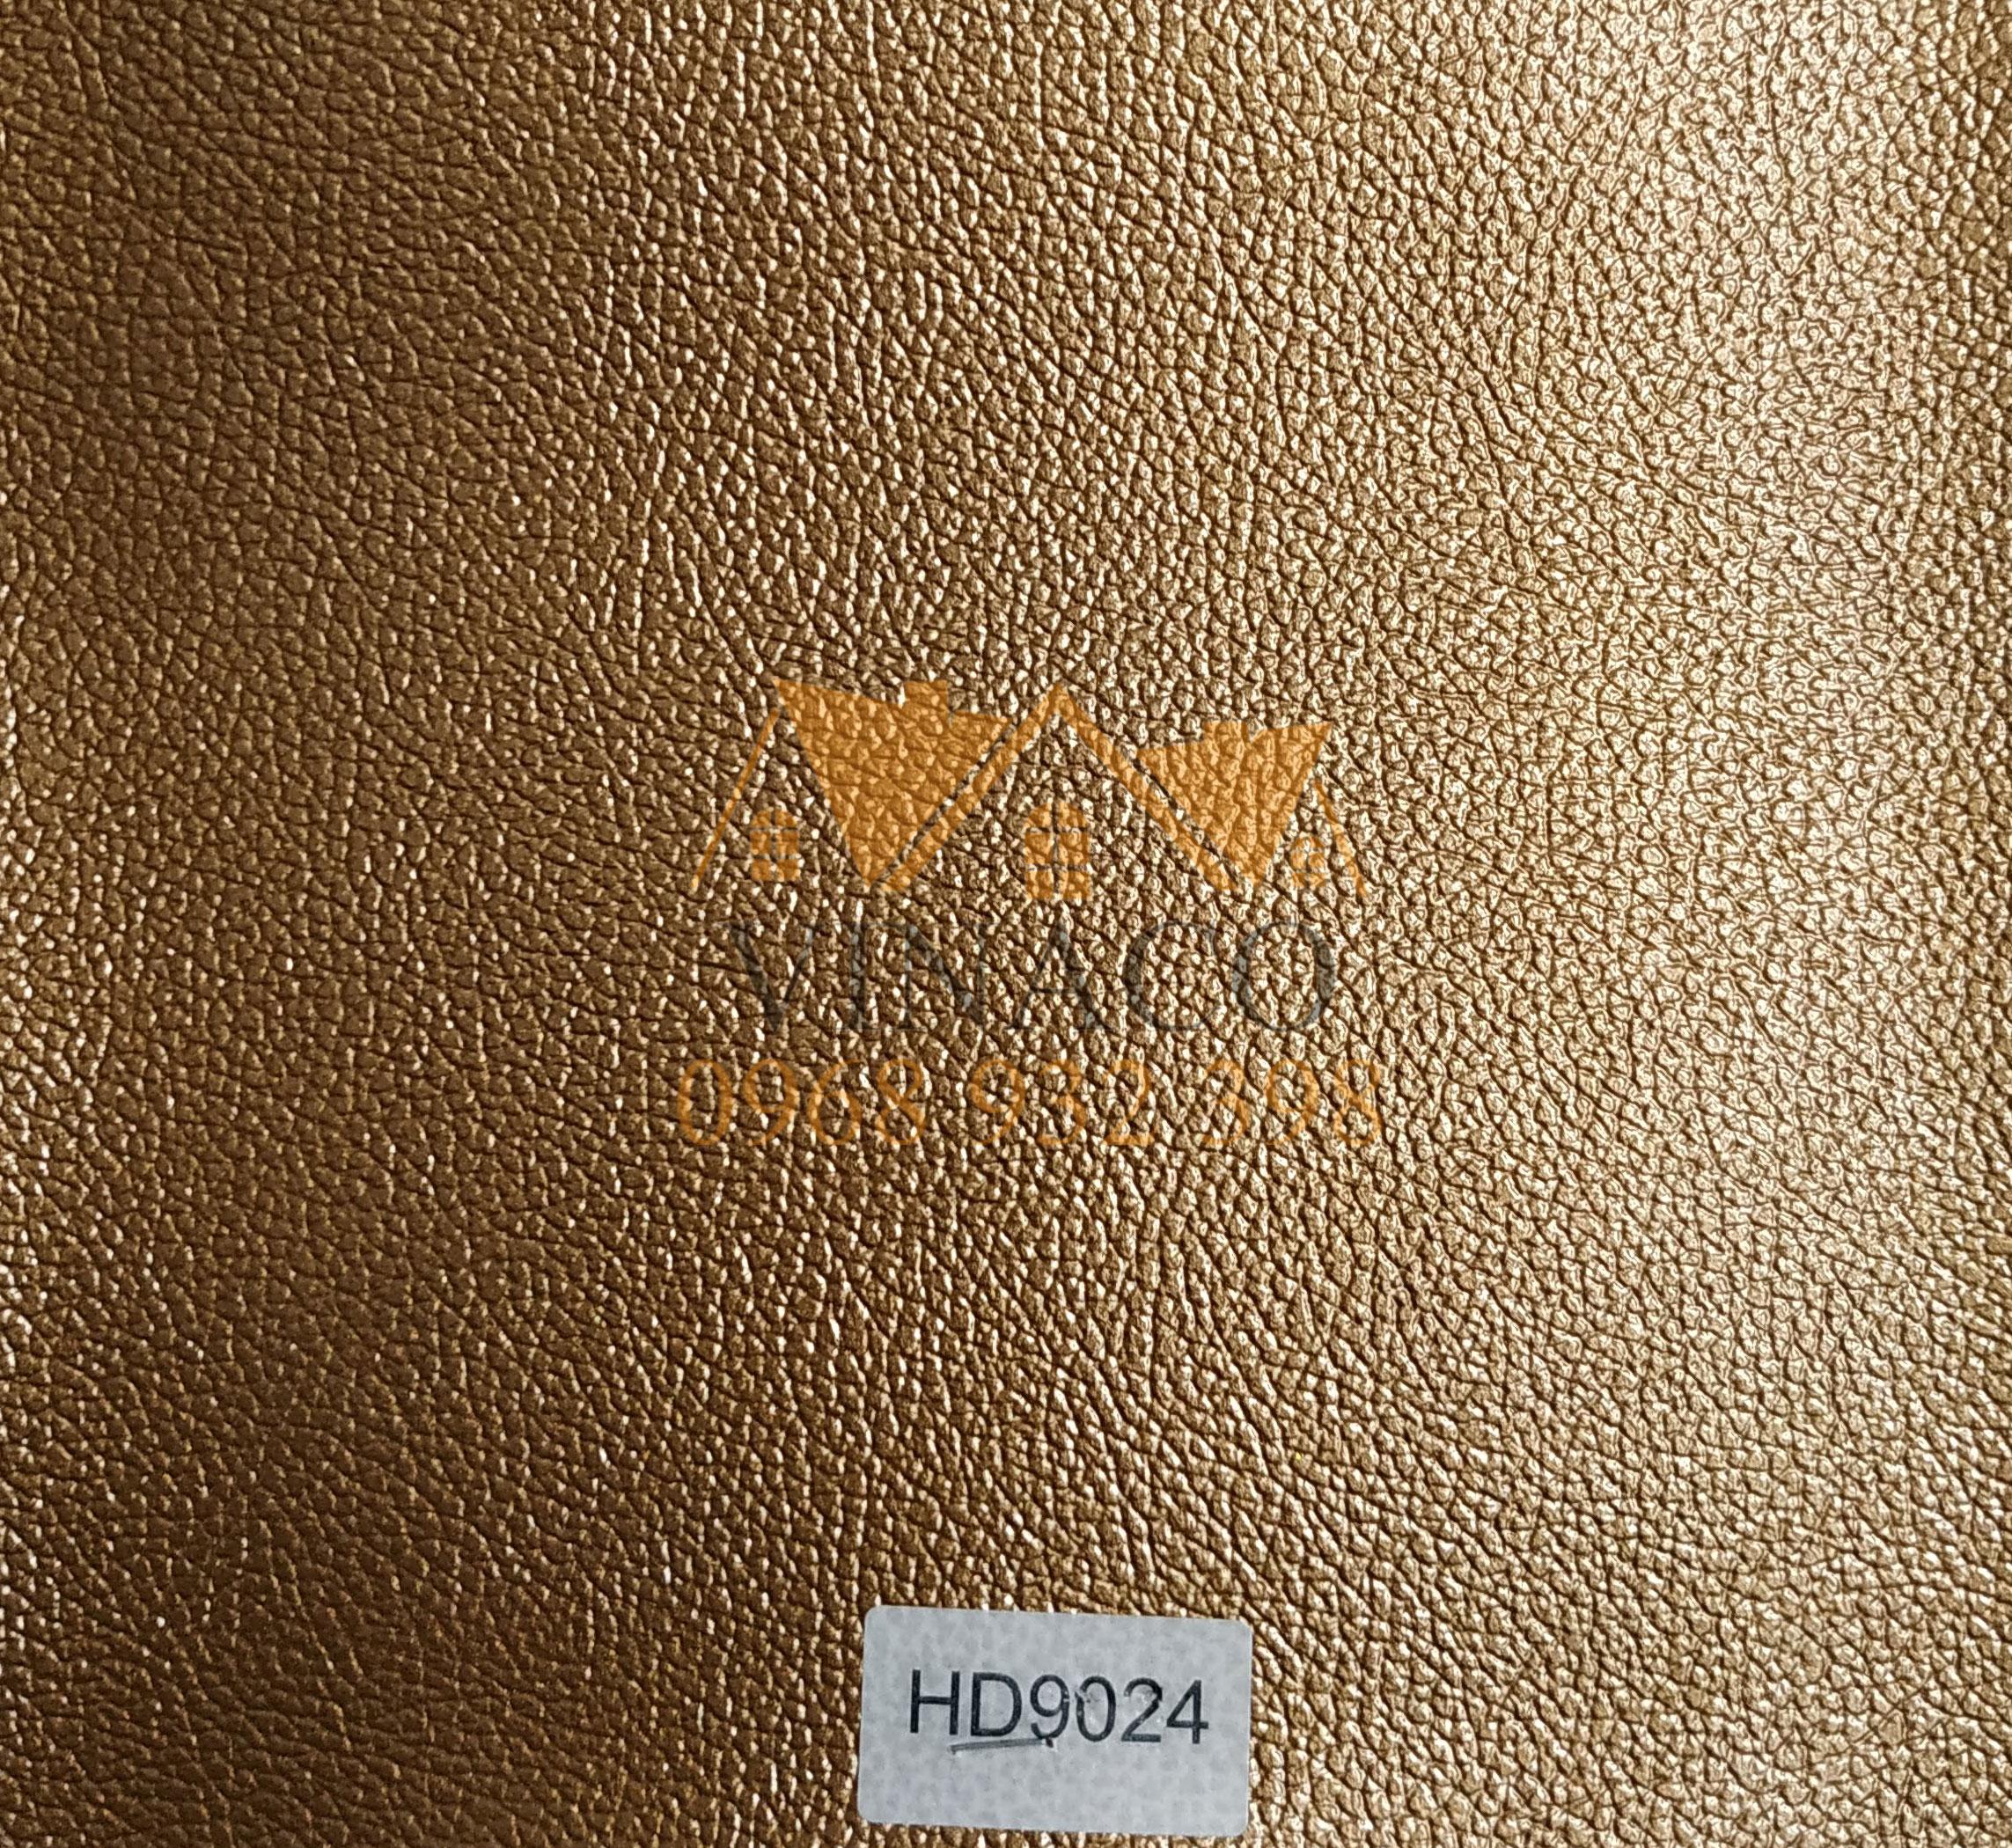 Tất cả các màu sắc sẵn có của mẫu da bọc ghế sofa HDTech